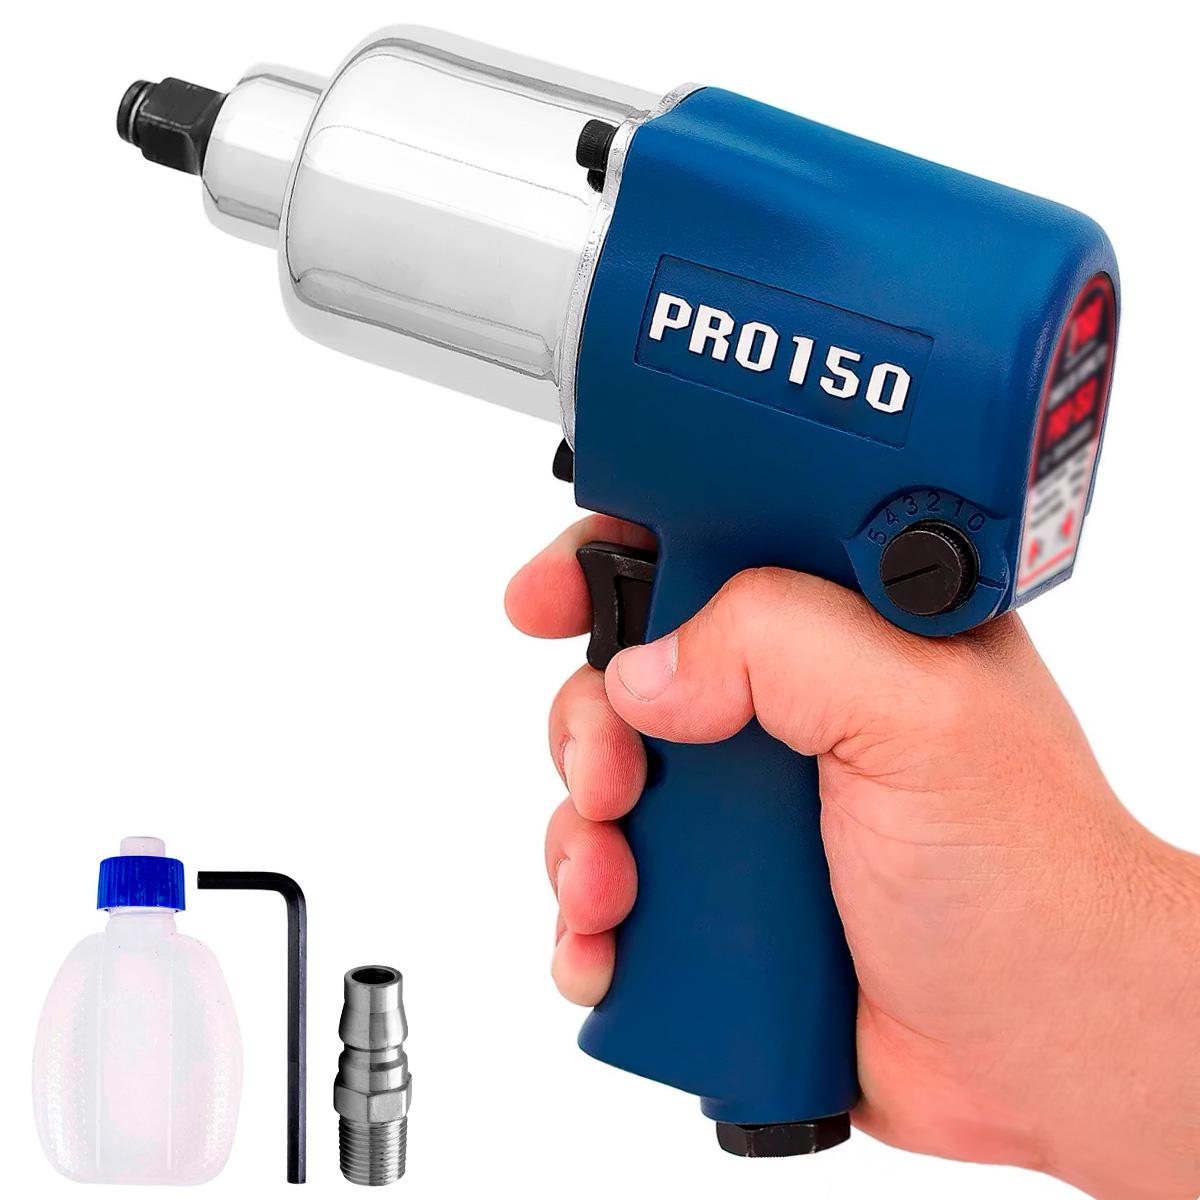 Chave de Impacto Pneumatica PDR PRO-150 68 Kgfm Encaixe 1/2